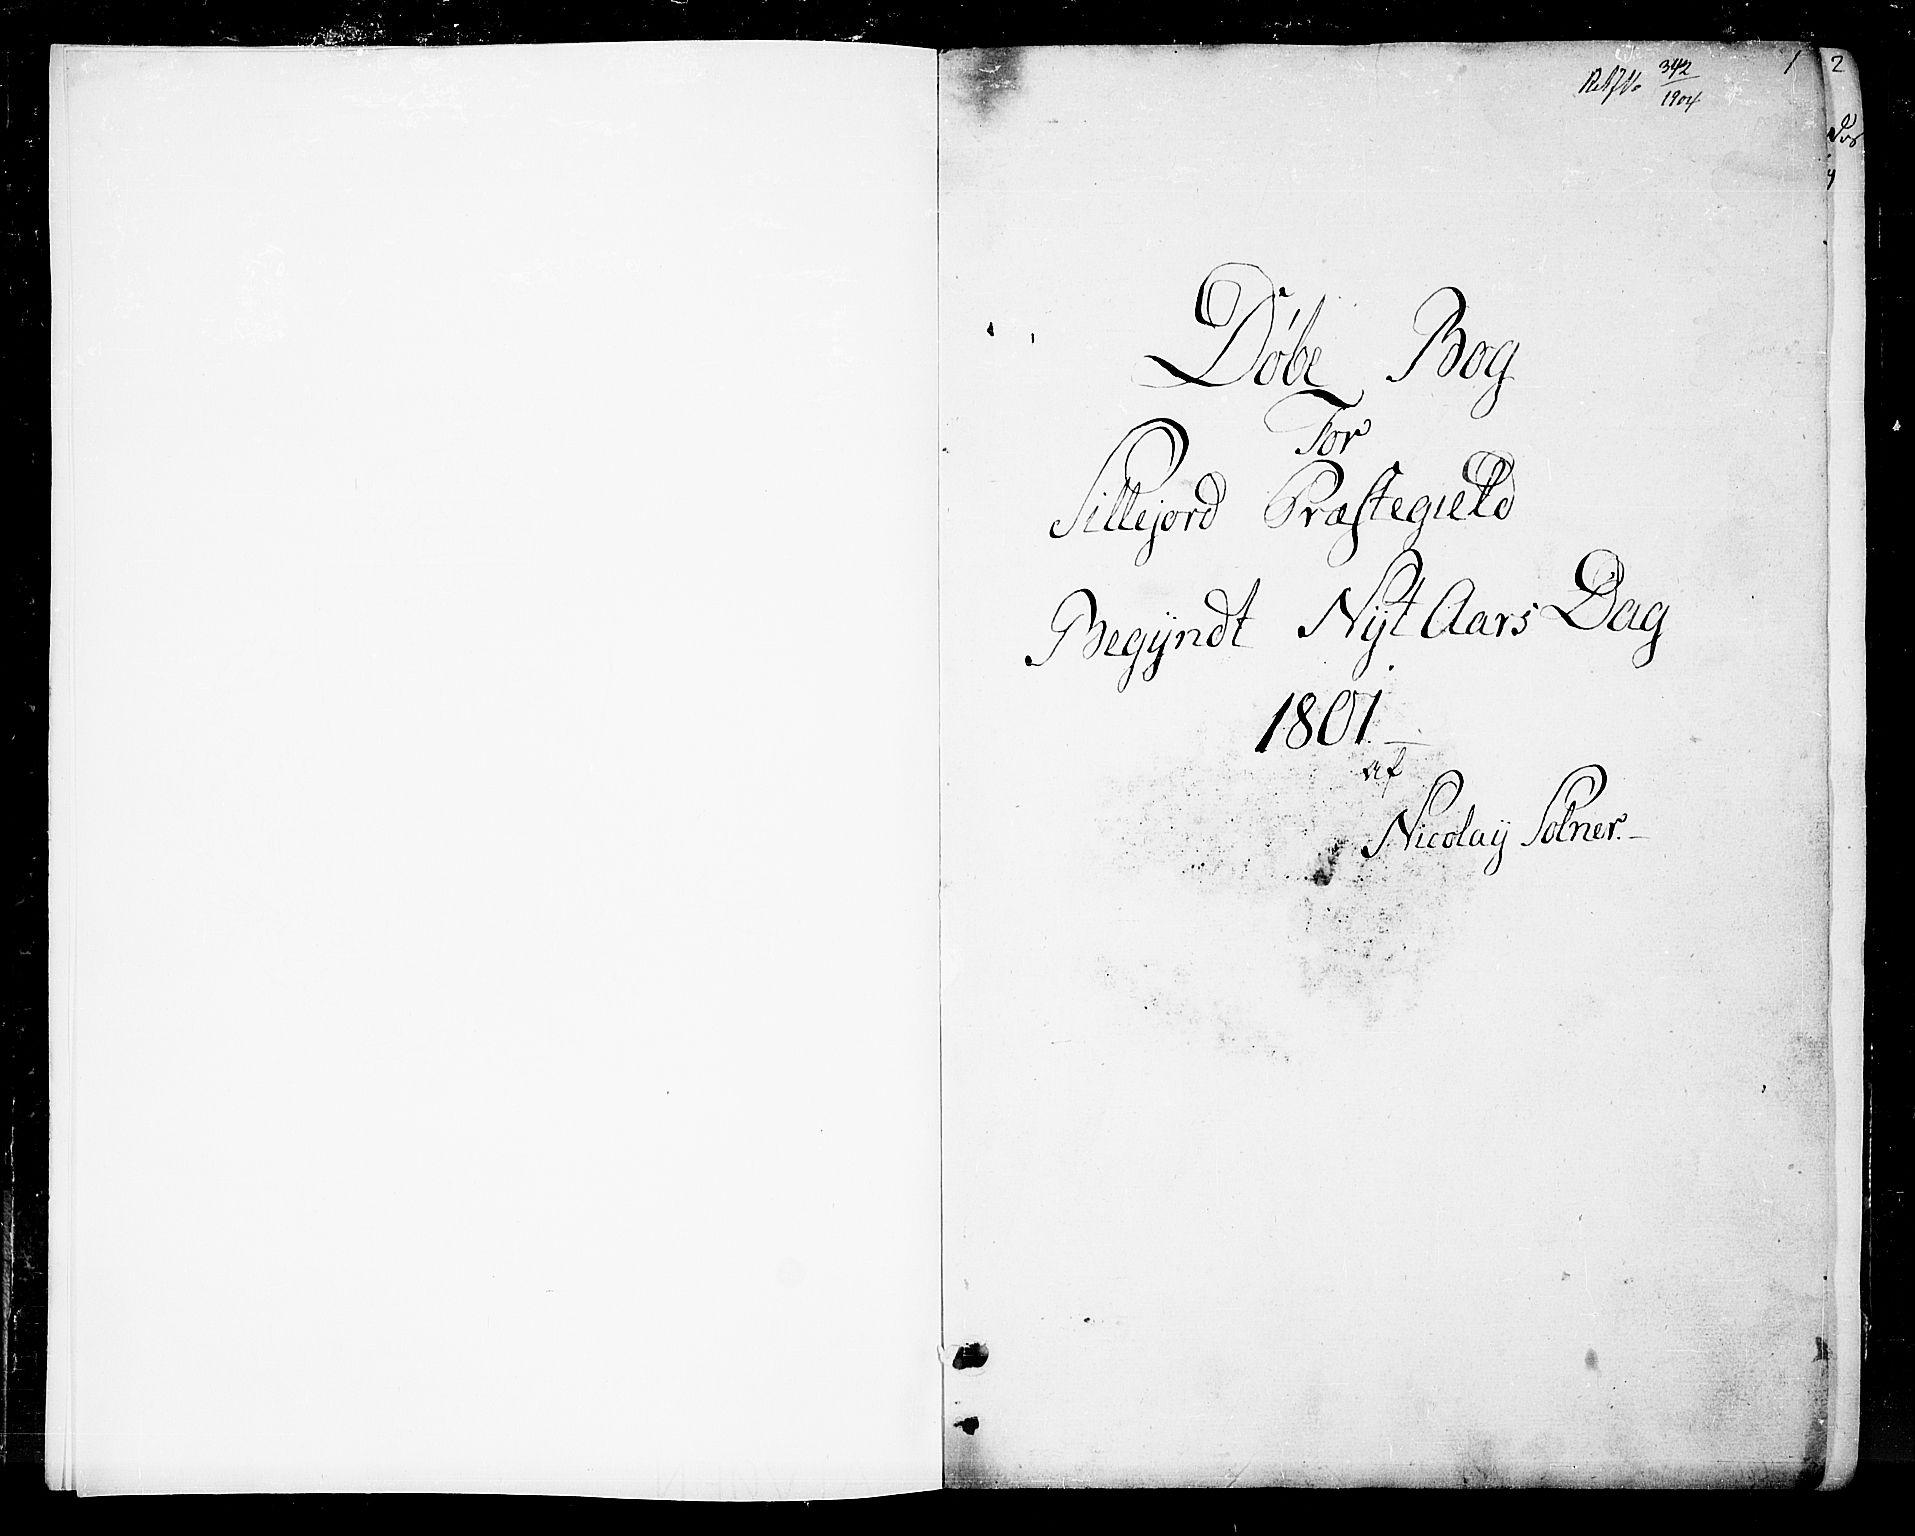 SAKO, Seljord kirkebøker, F/Fa/L0009: Ministerialbok nr. I 9, 1801-1814, s. 1